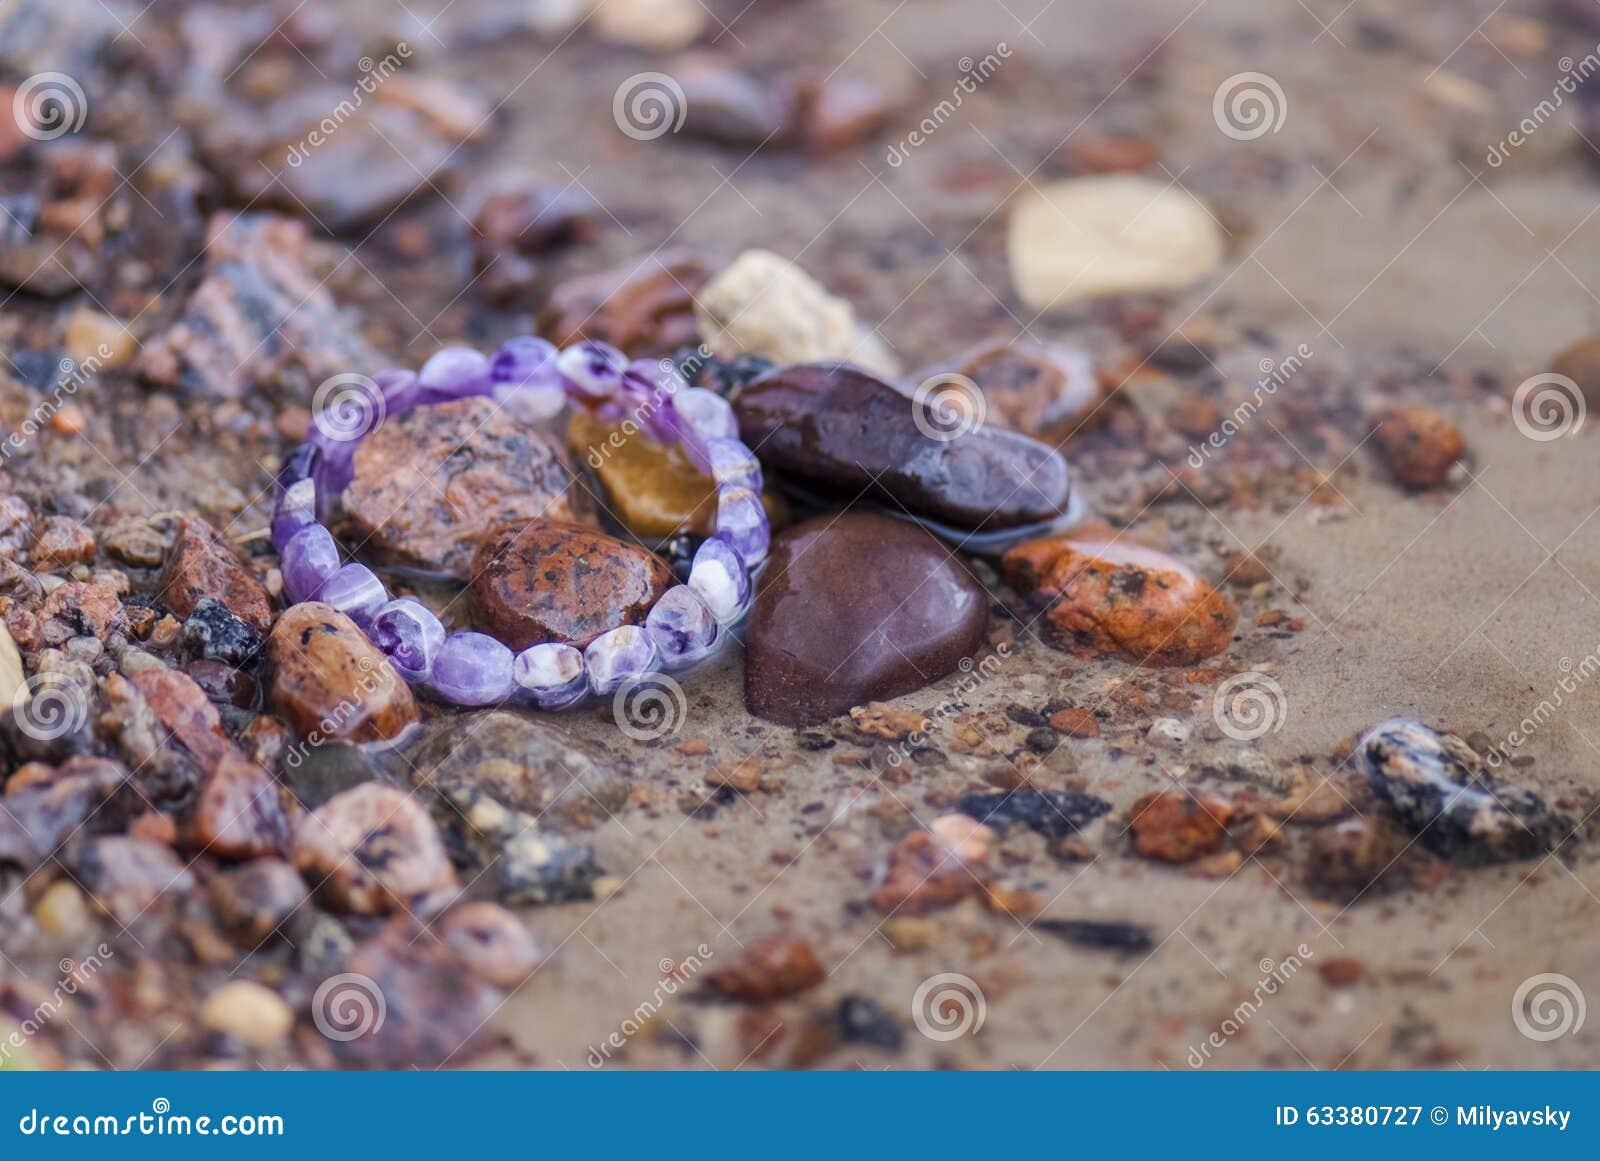 Braccialetto perso in acqua (linea costiera)